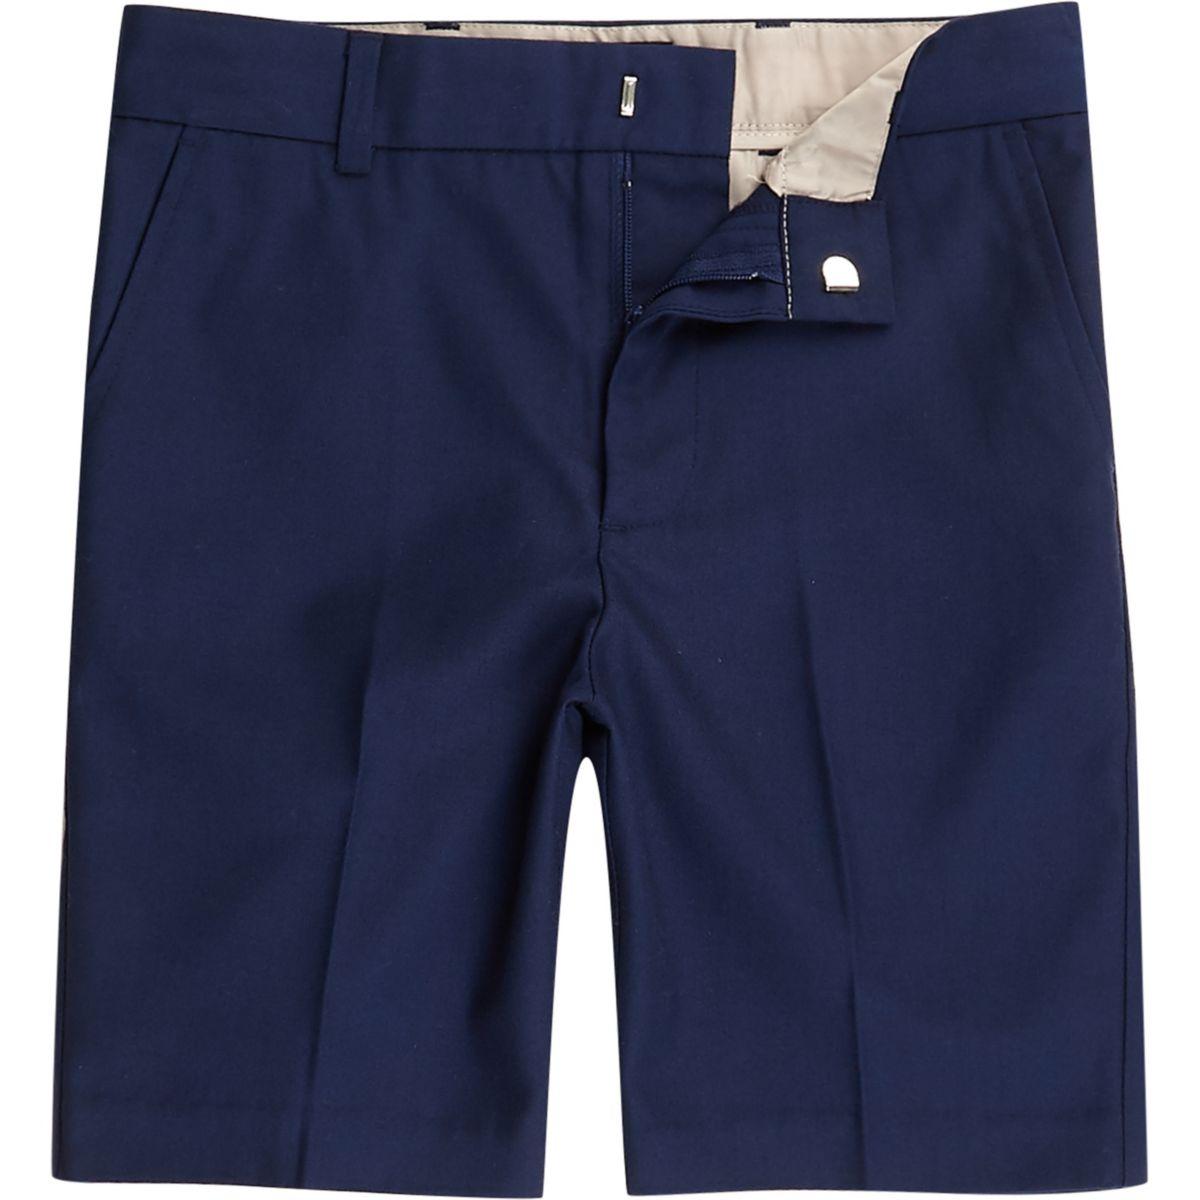 Boys navy slim fit smart chino shorts